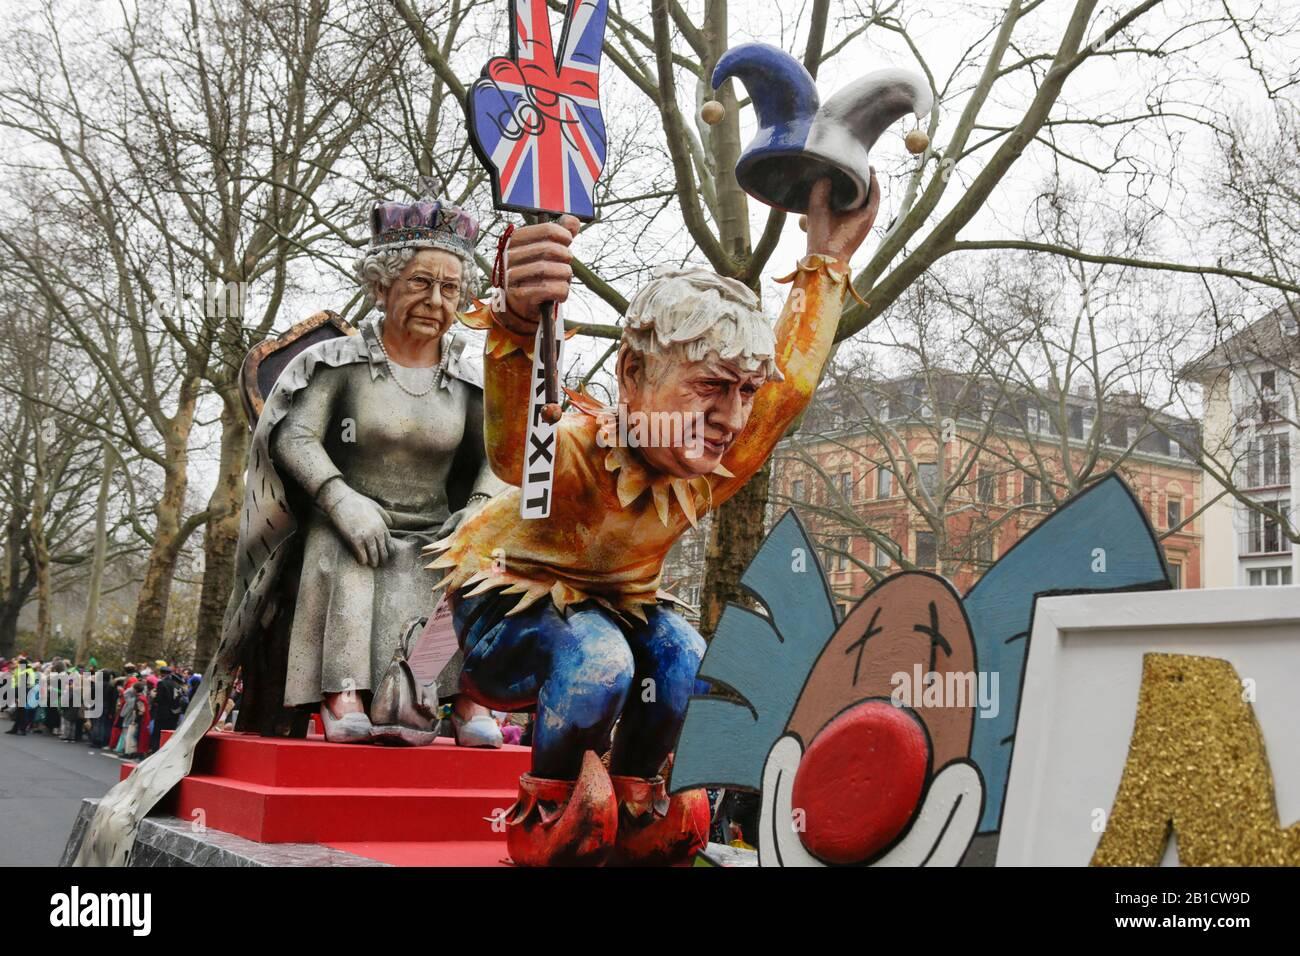 Magonza, Germania. 24th febbraio 2020. Il primo ministro britannico Boris Johnson e la regina Elisabetta II sono raffigurati su un galleggiante nella sfilata del lunedì delle Rose di Mainz. Boris Johnson indossa il vestito di un jester e detiene un segno Brexit, mostrando al tempo stesso il suo fondo nudo alla Regina. Circa mezzo milione di persone hanno fiancheggiato le strade di Magonza per la tradizionale sfilata del Carnevale di Rose Monday. La lunga sfilata di 9 km con oltre 9.000 partecipanti è una delle tre grandi Sfilate del lunedì delle Rose in Germania. Foto Stock